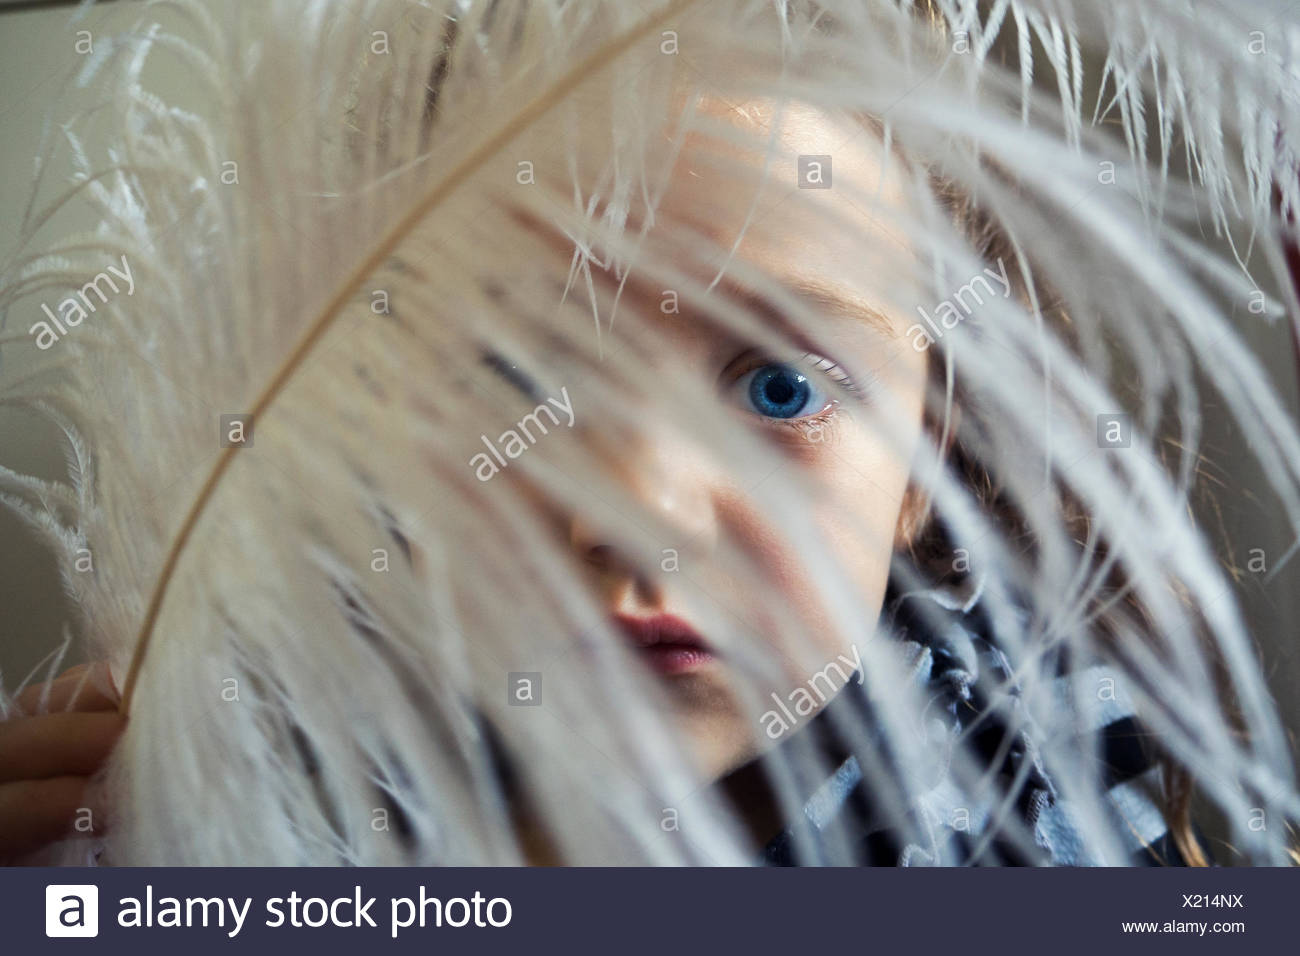 Mädchen mit einer Feder vor ihr Gesicht Stockbild